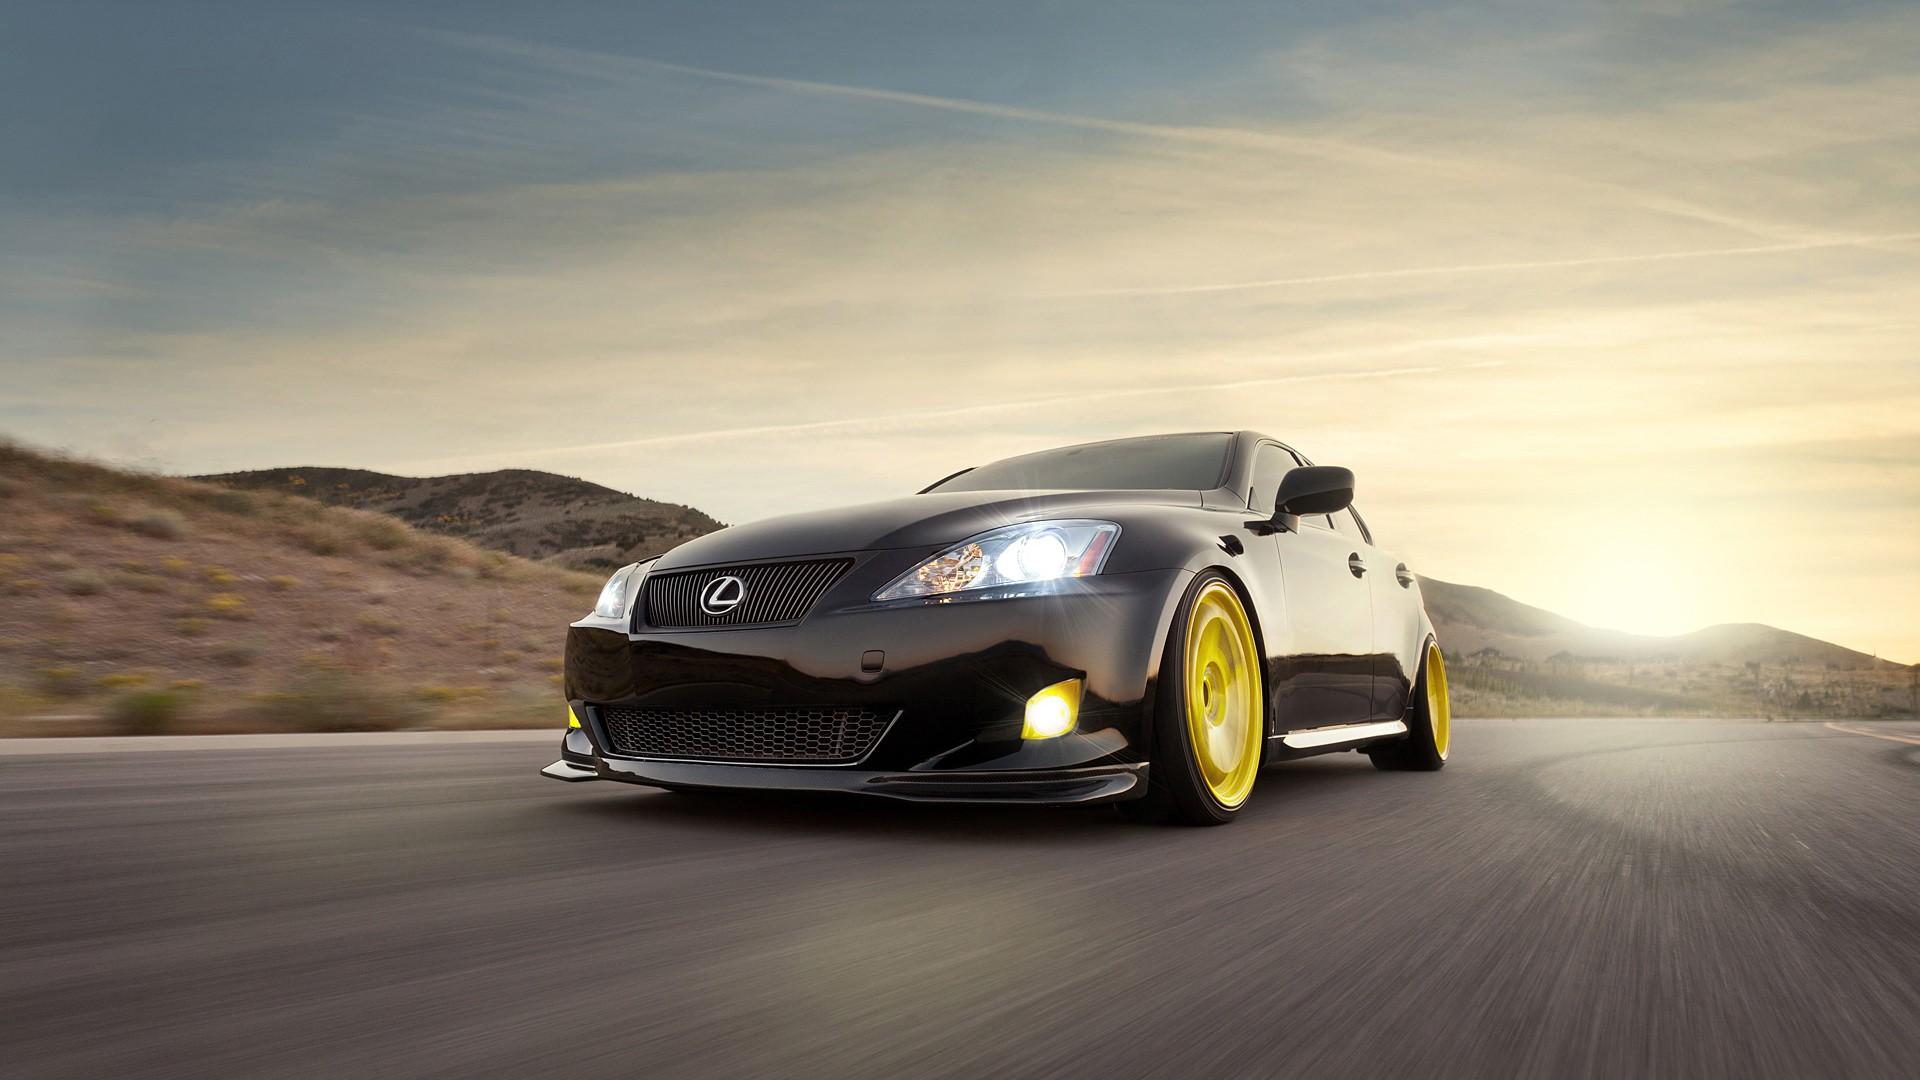 Lexus IS 350 Wallpaper | HD Car Wallpapers | ID #3104